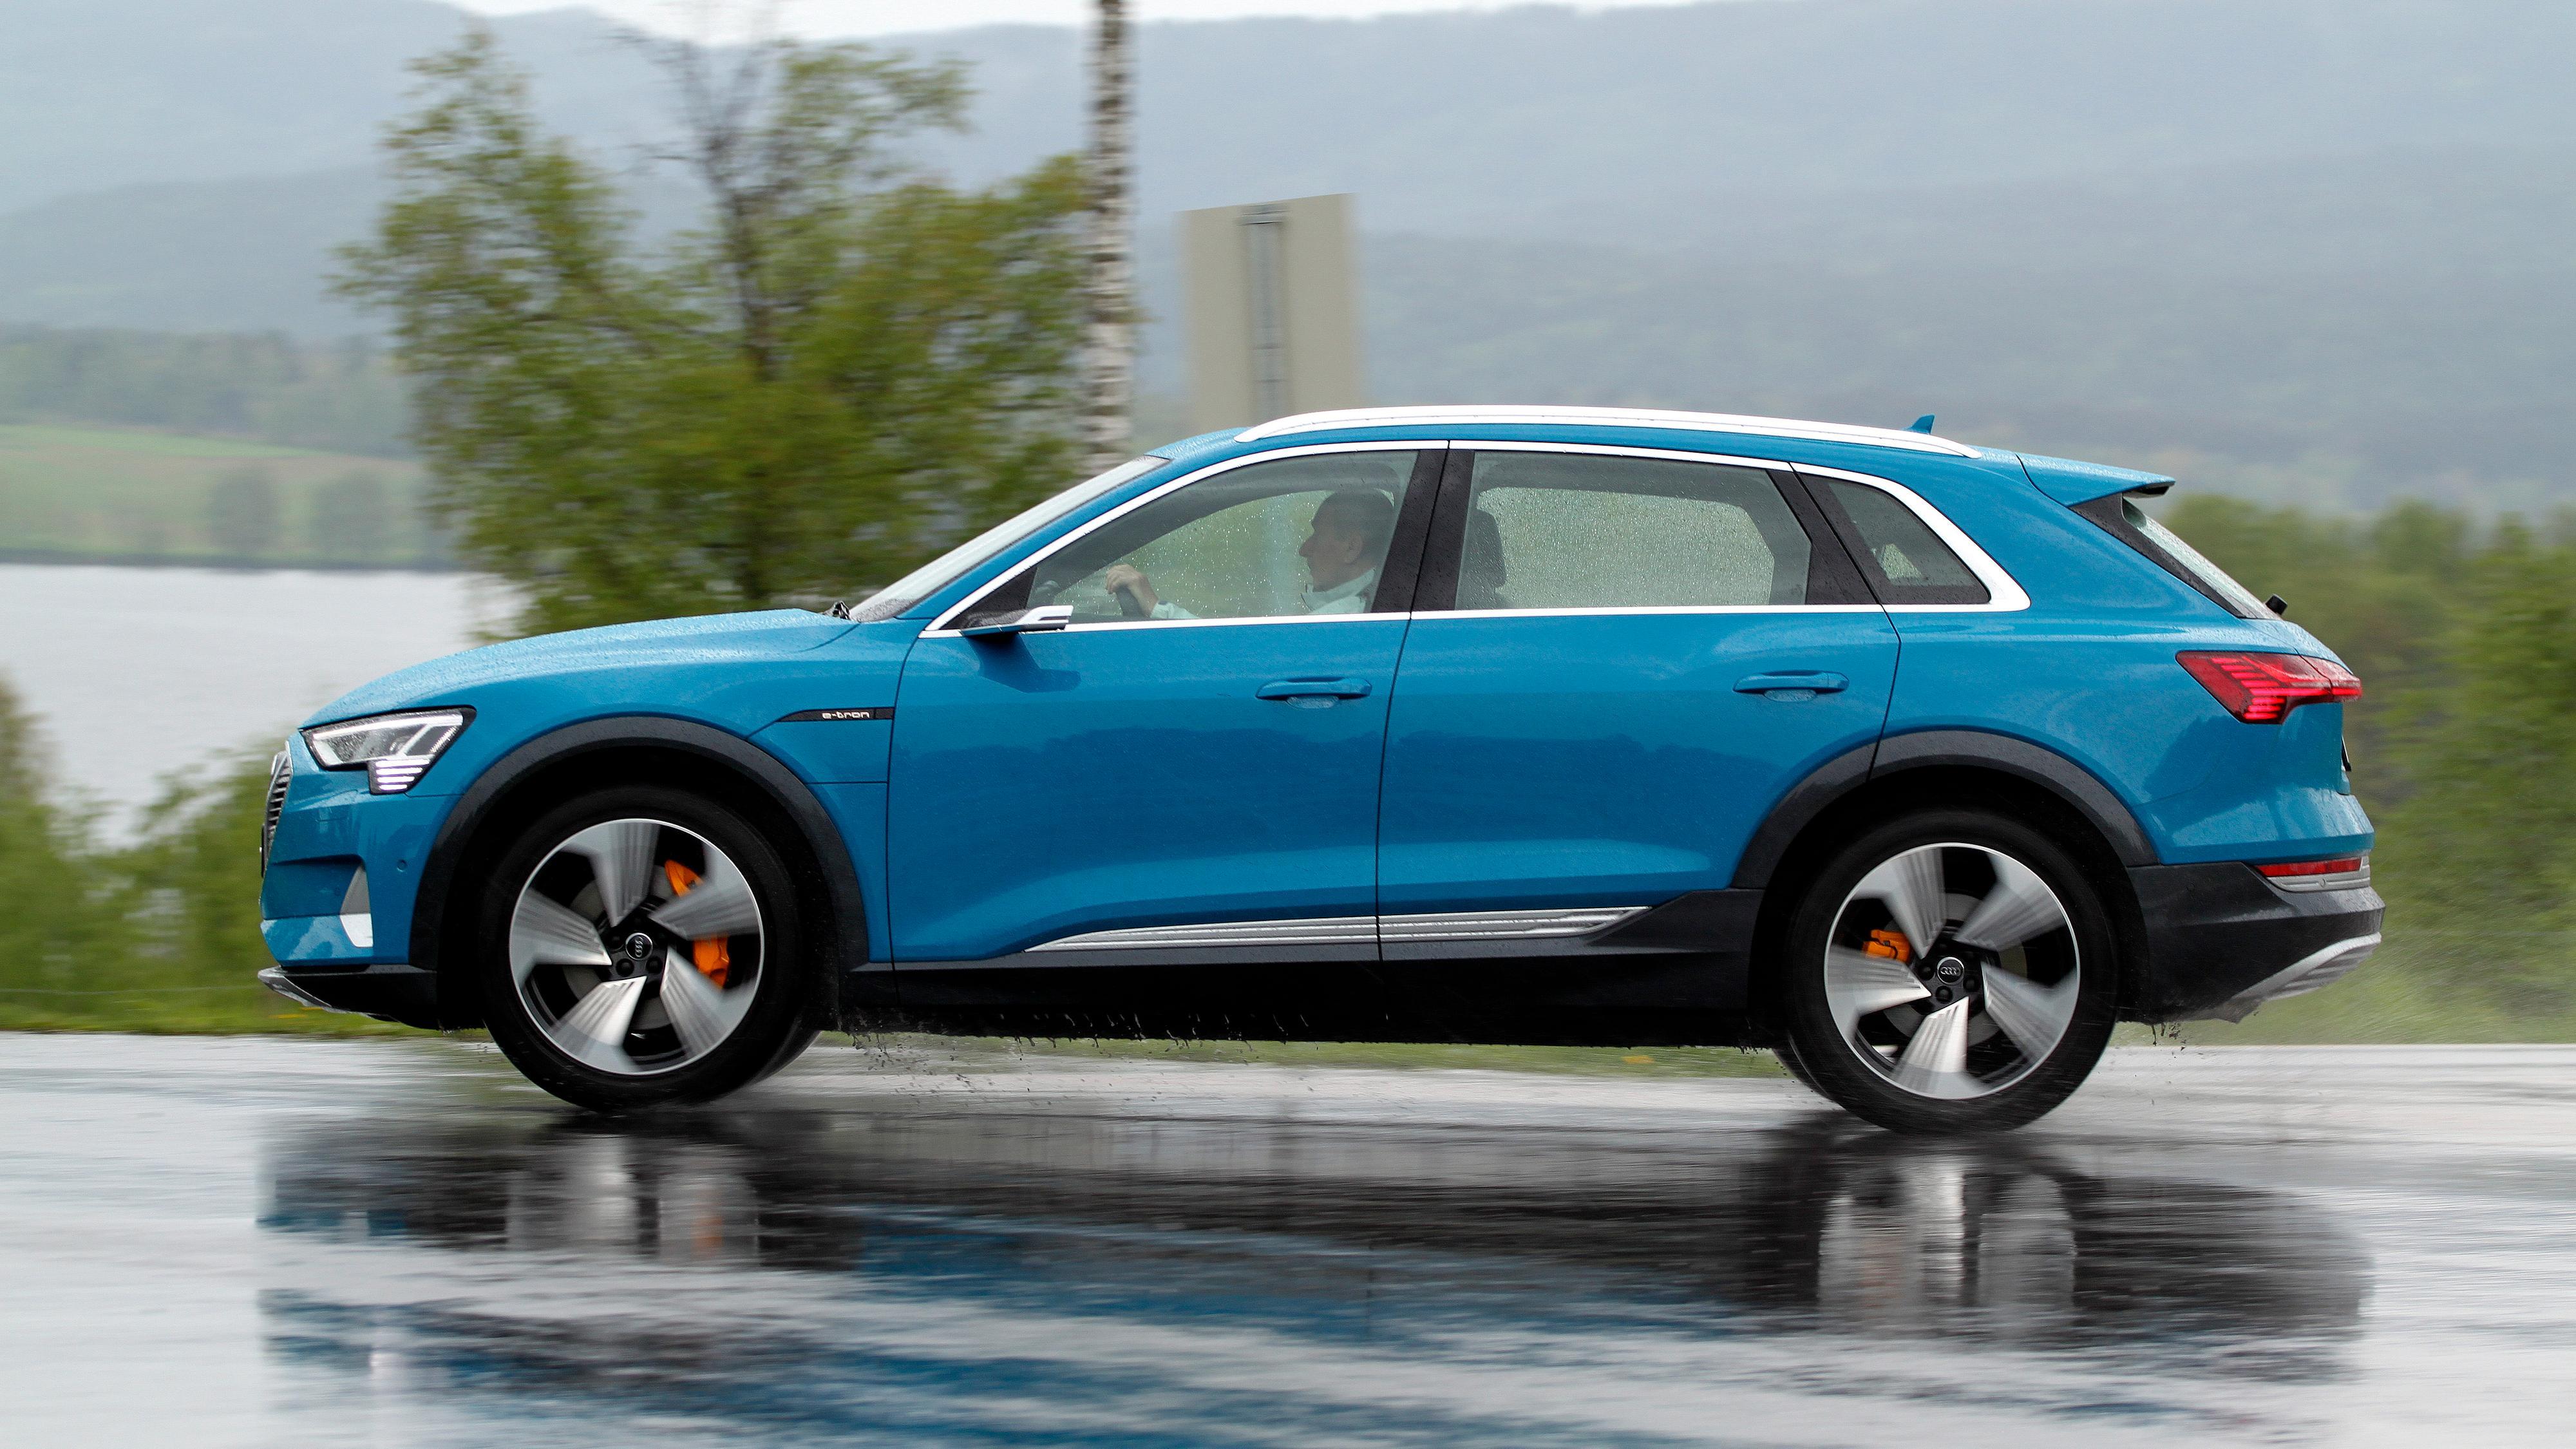 Audi e-tron har størst appetitt på strøm, skal vi tro kartleggingen til Tibber.